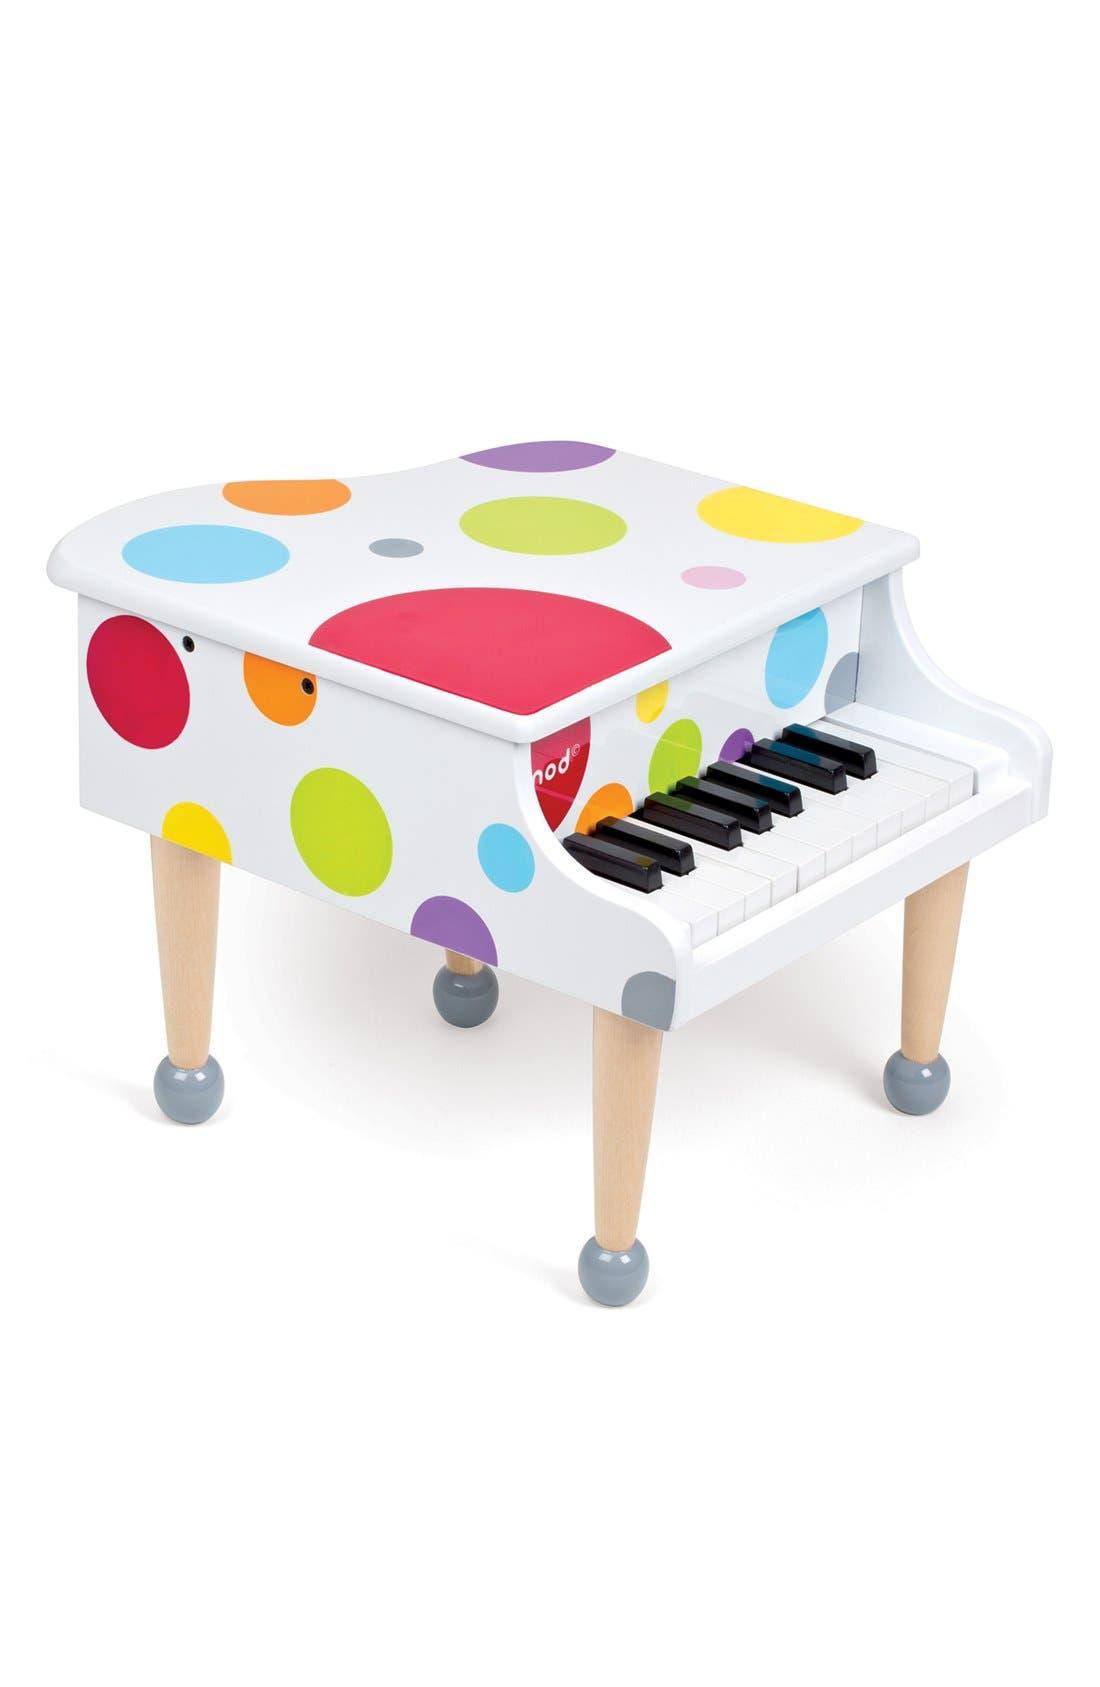 Janod 'Confetti' Grand Piano Play Set